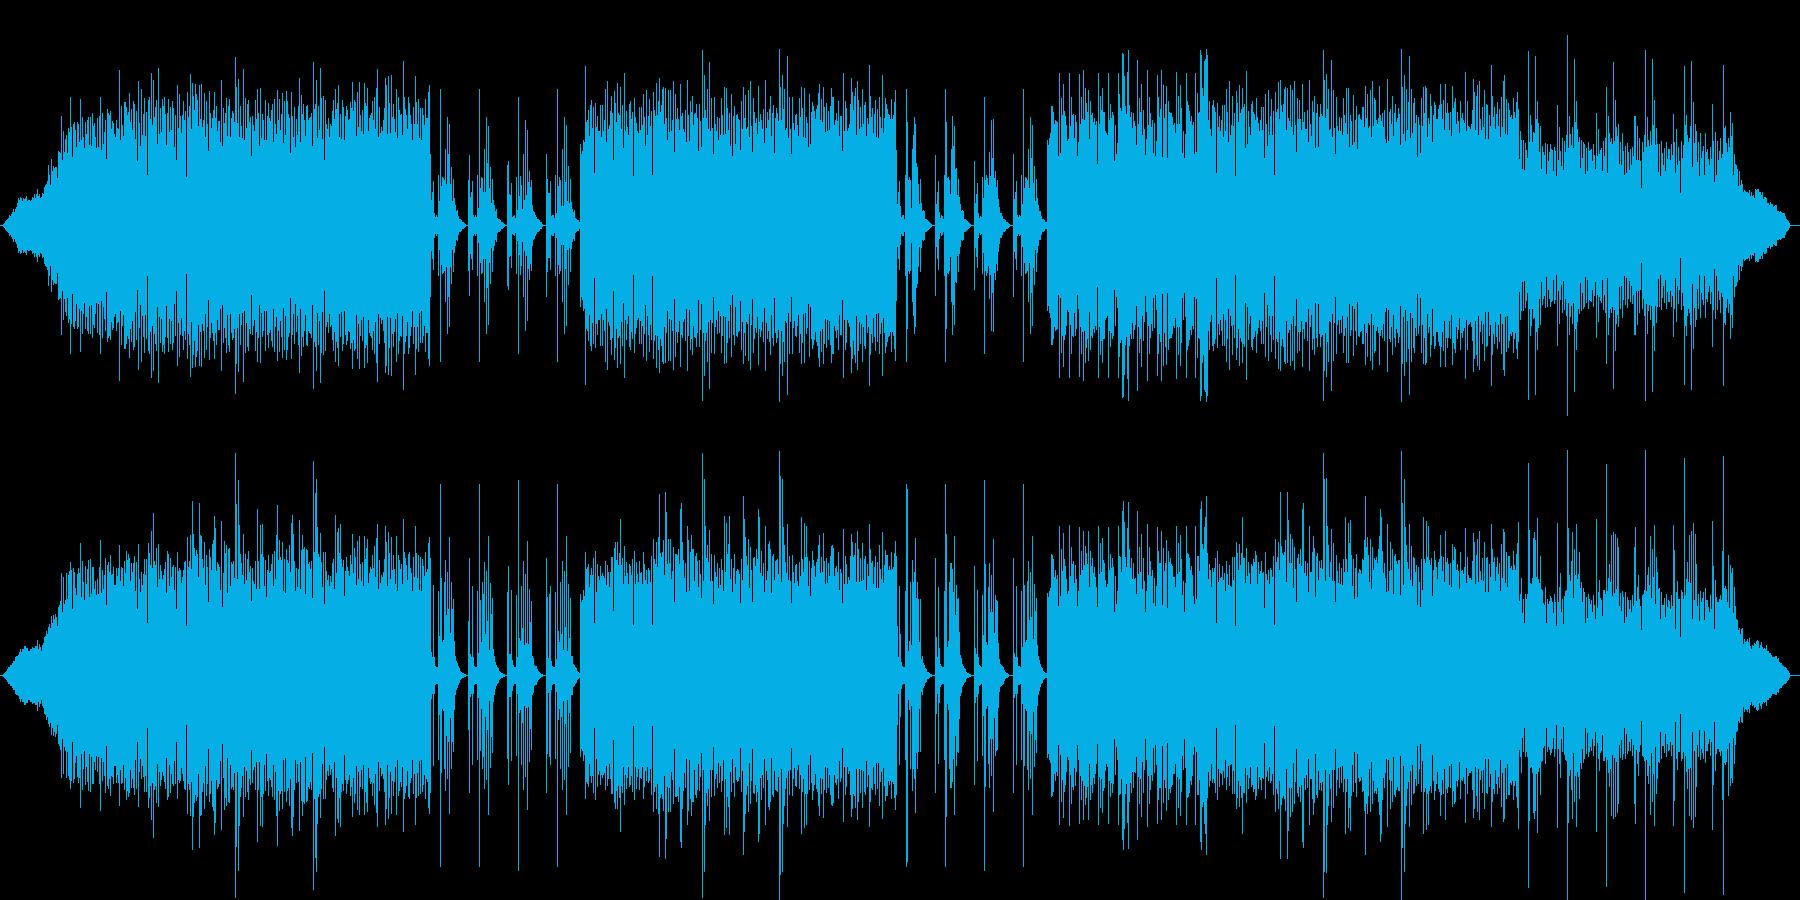 メタルとピアノで春のイメージを出したつ…の再生済みの波形